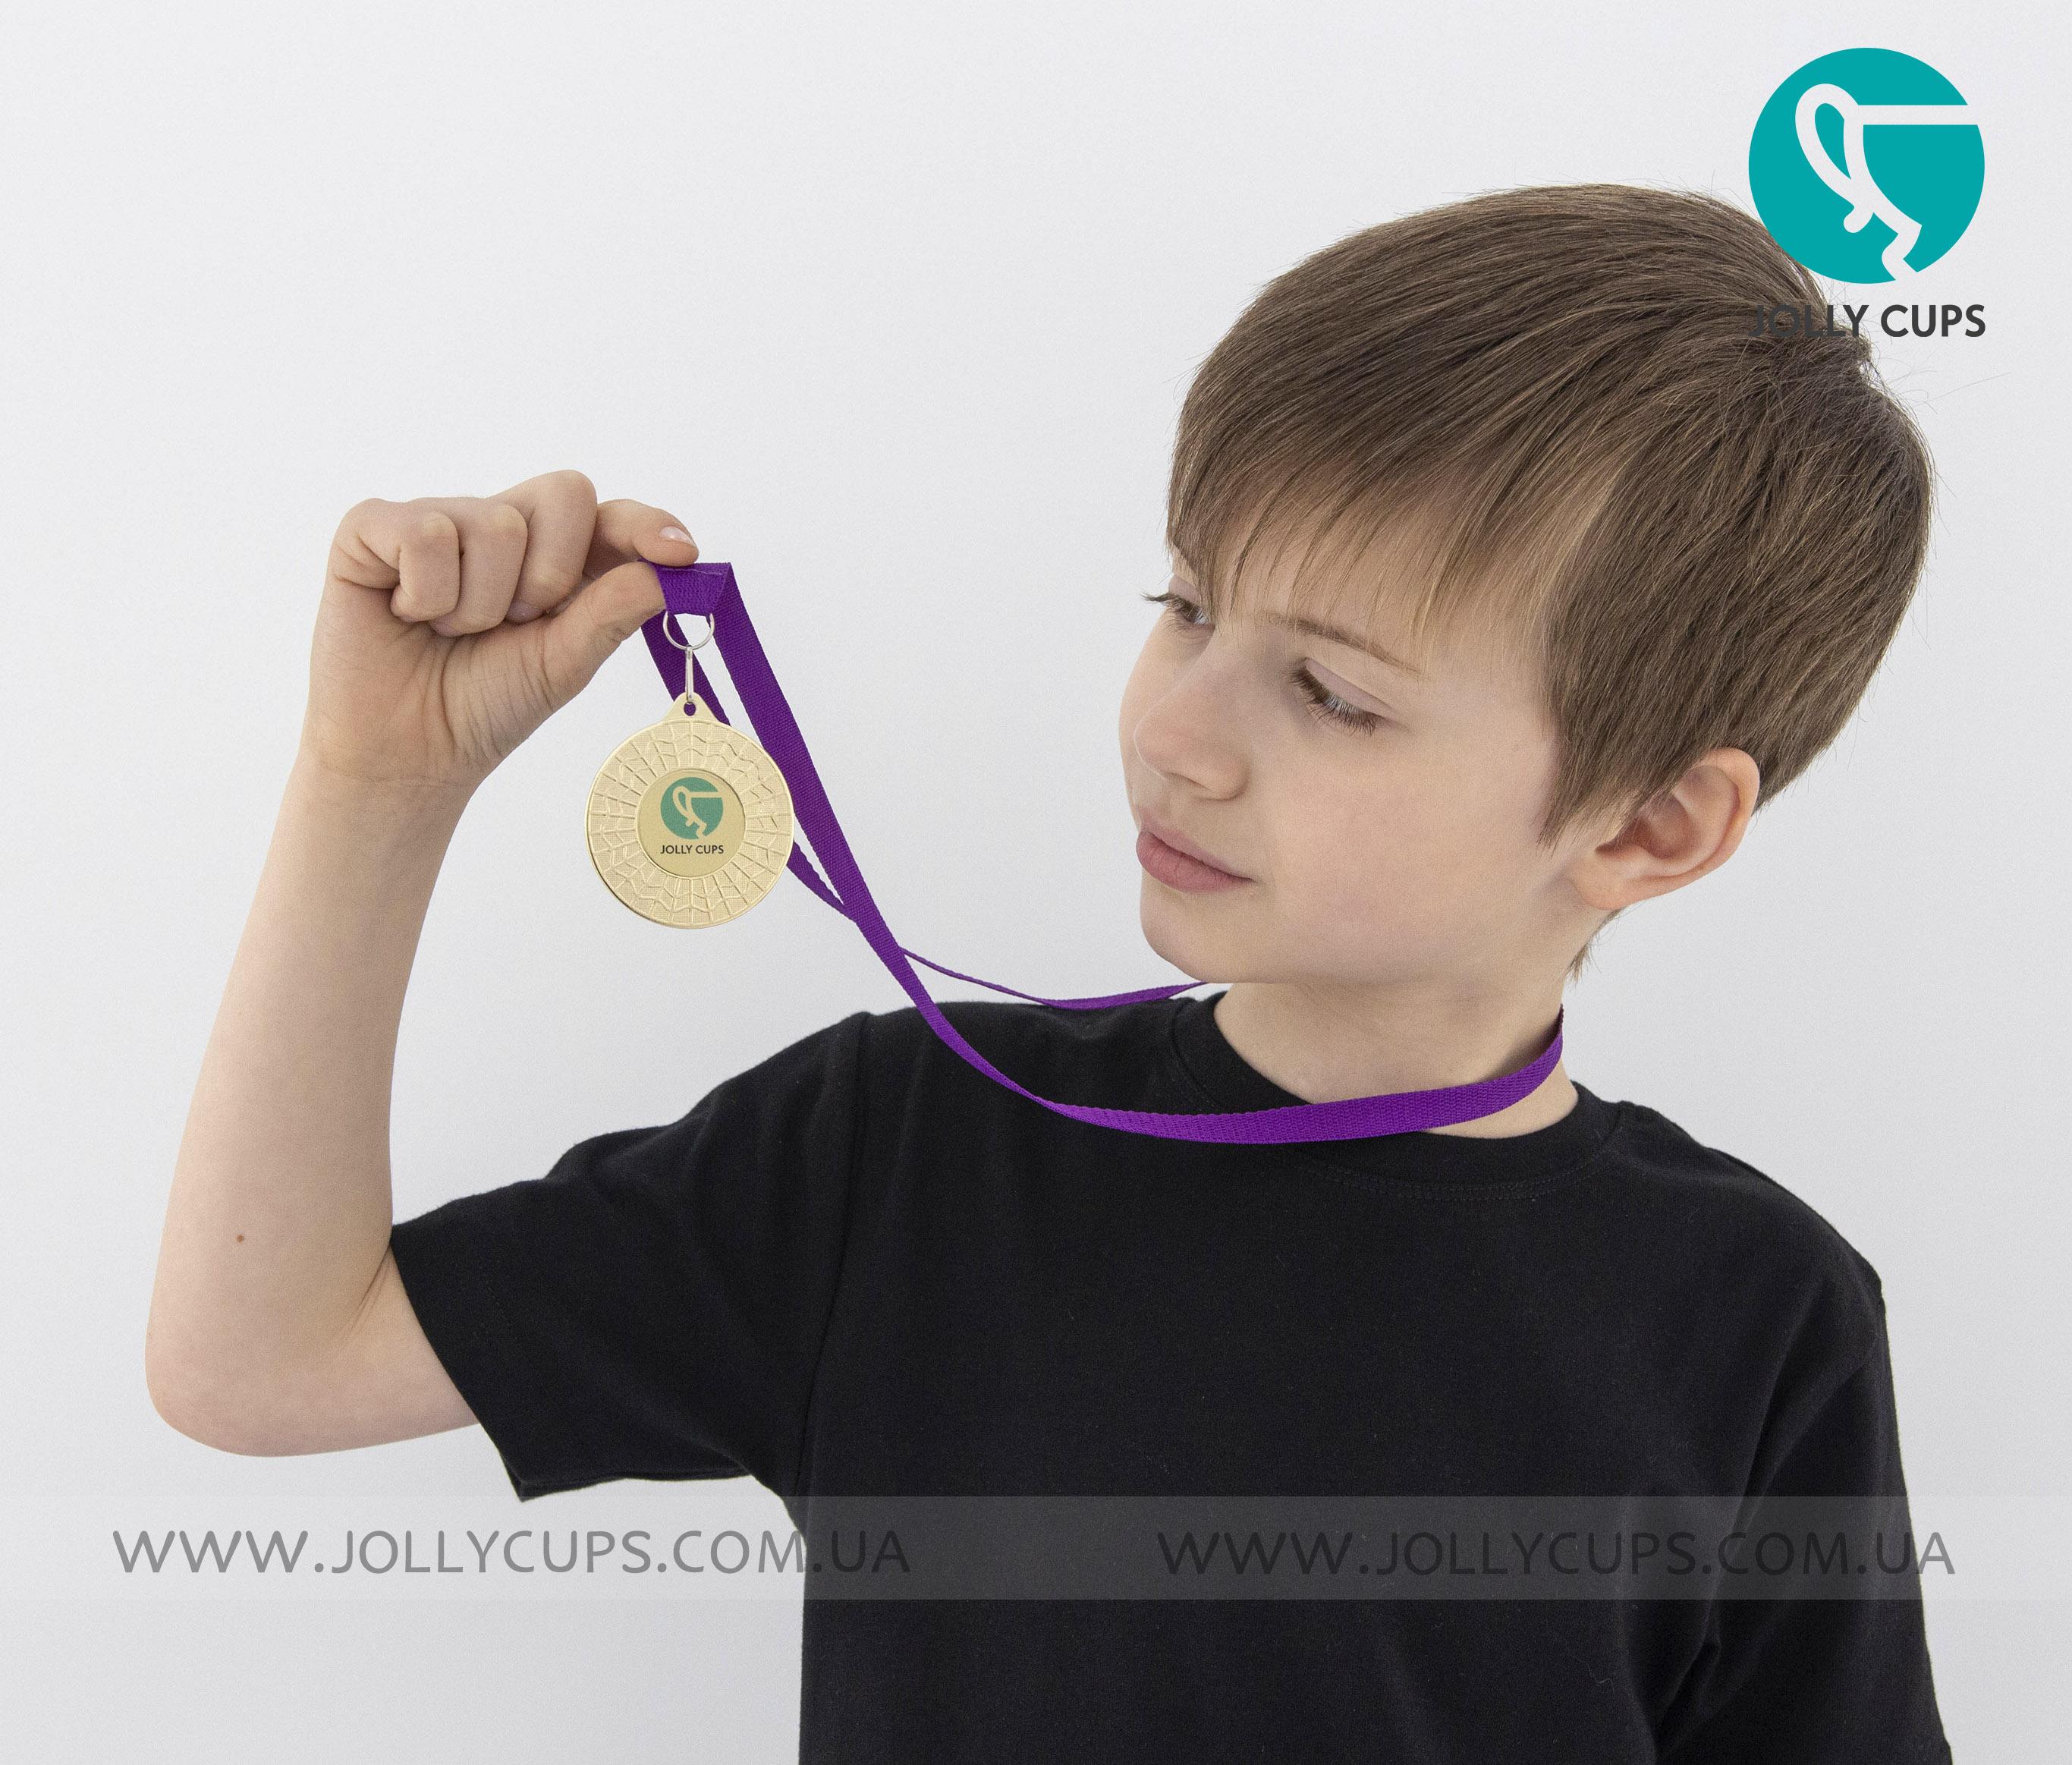 Купити медалі нагороди для дітей Д367 Фіолетова